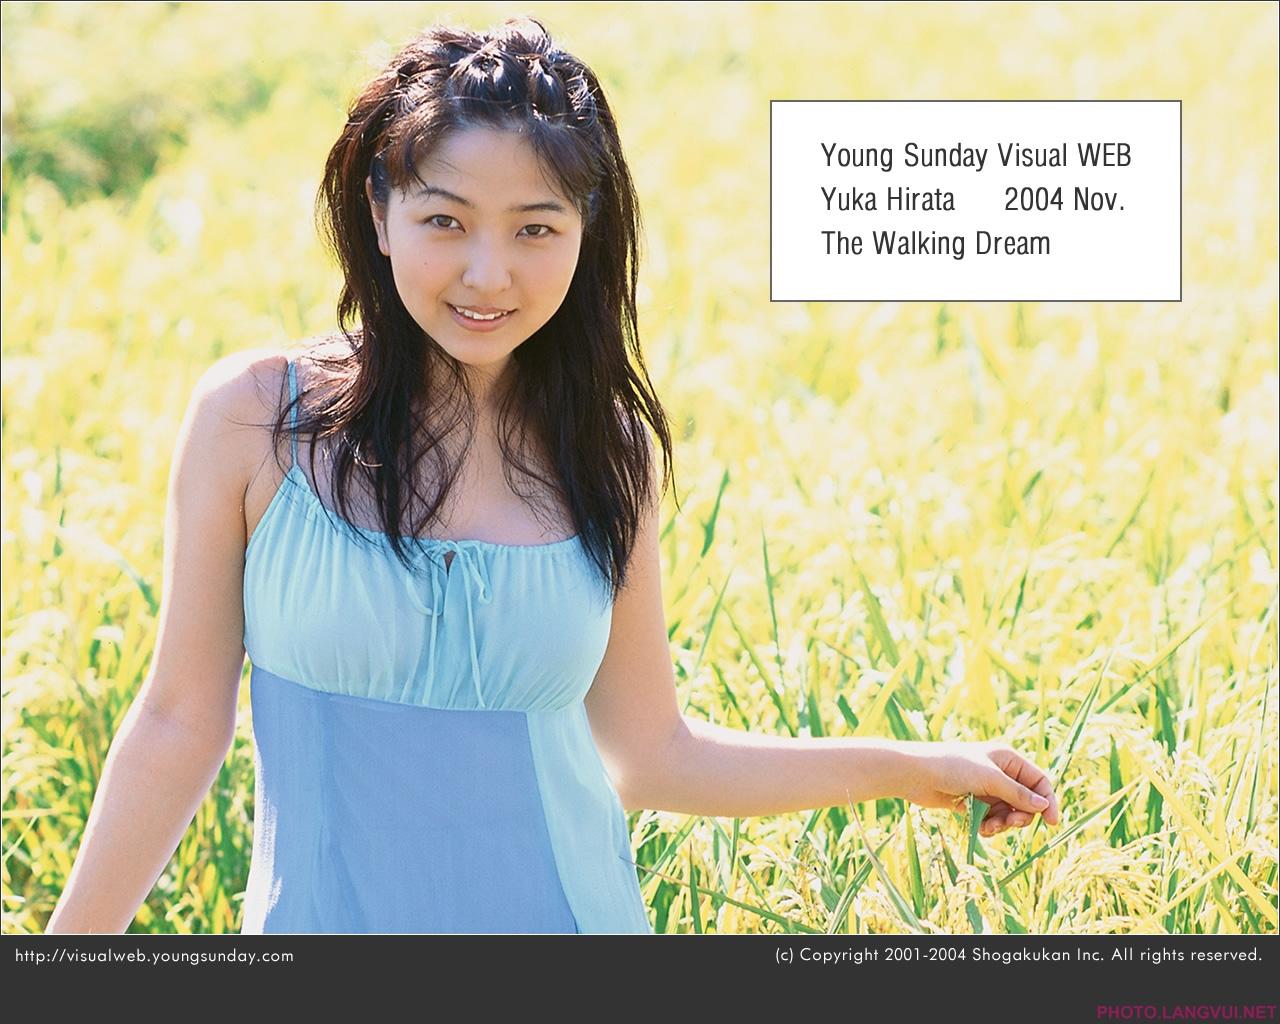 YS Web Vol 102 Yuka Hirata The Walking Dream